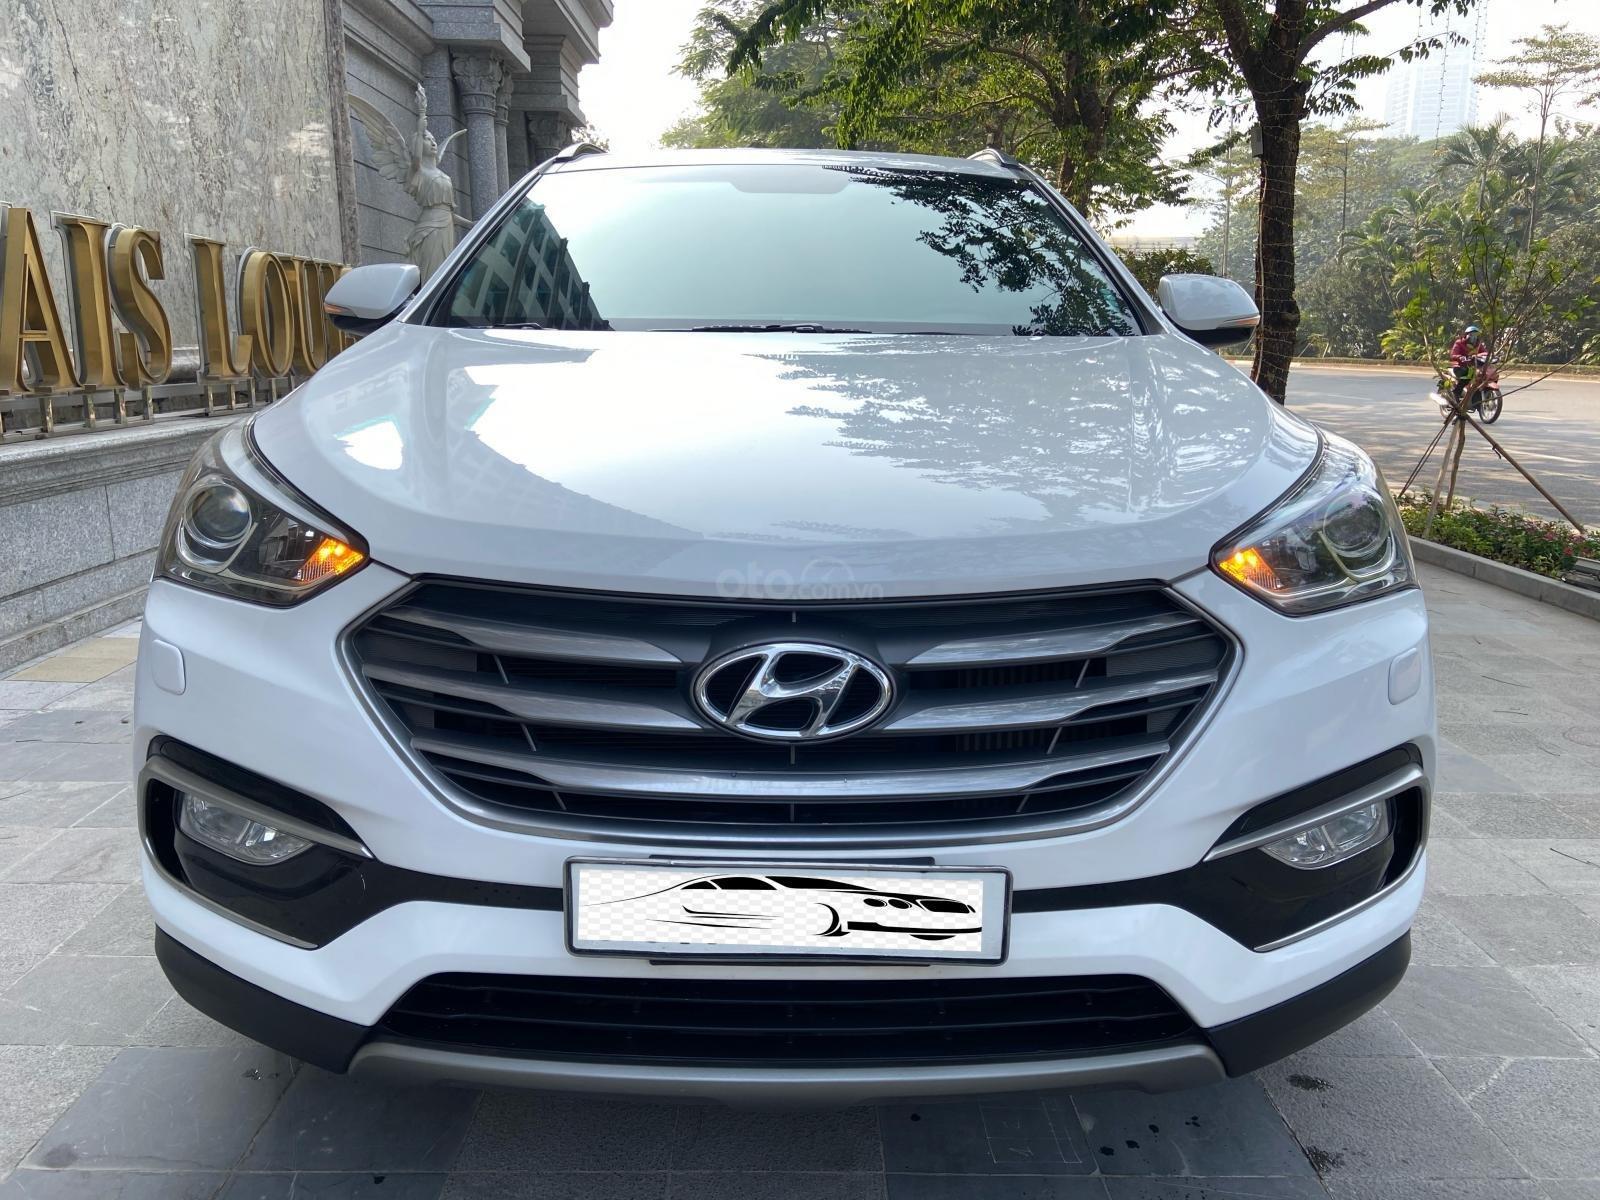 Bán Hyundai SantaFe 2.2 dầu sx 2018 đẹp nhất Việt Nam (1)